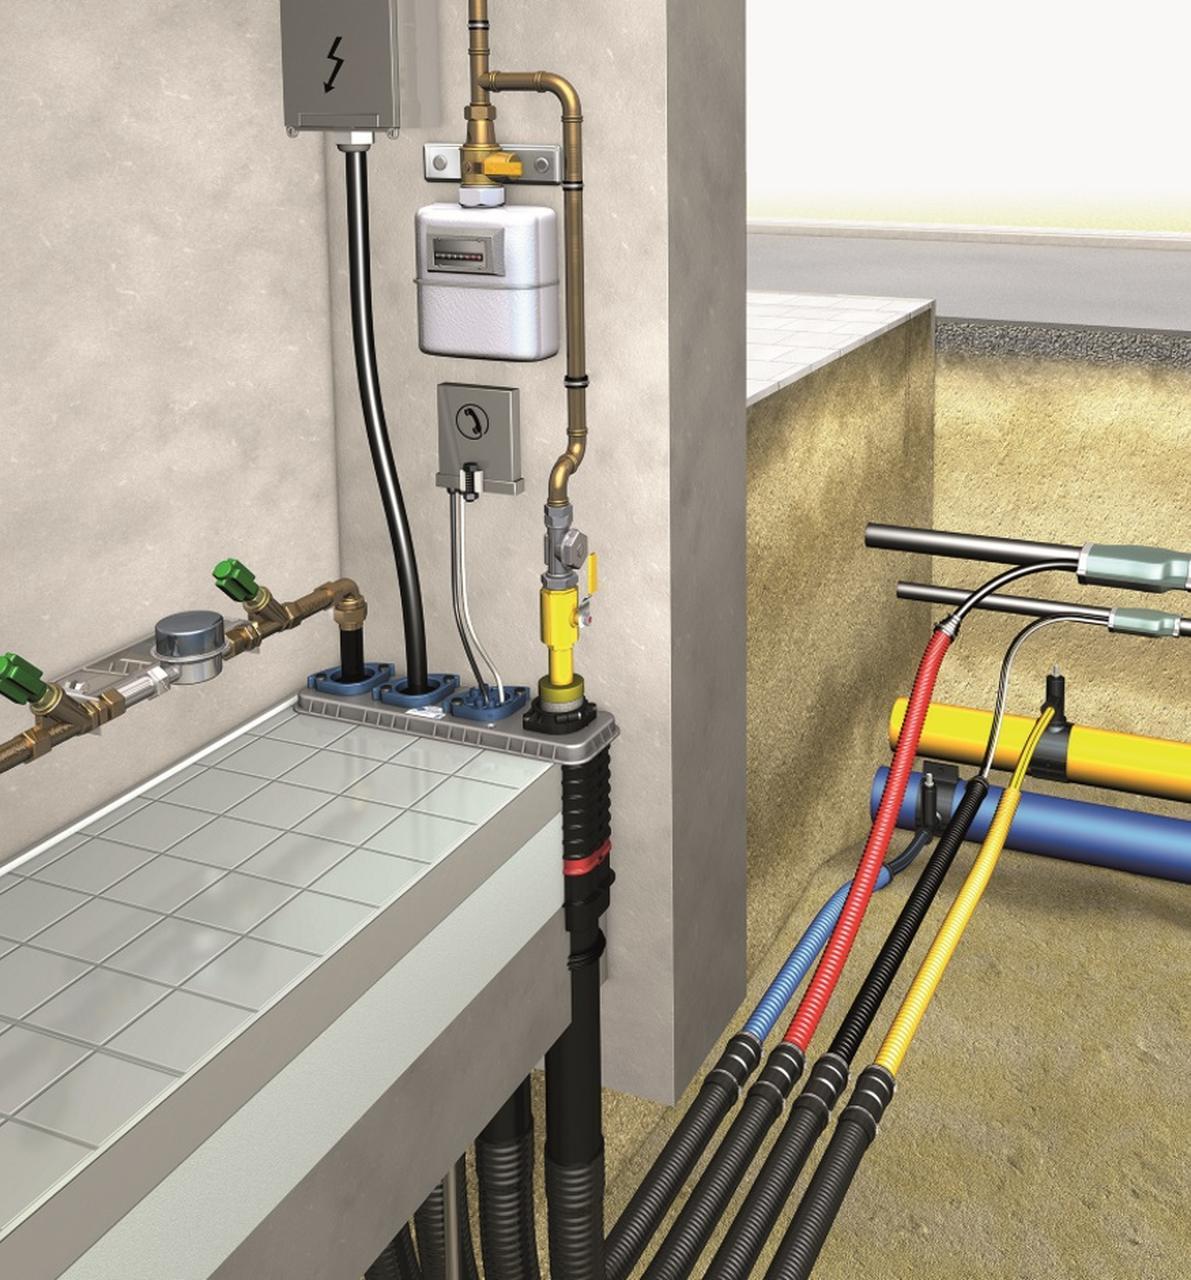 DOYMA 4-Spartenhauseinführung (BHP) All Inclusive für nichtunterkellerte Gebäude